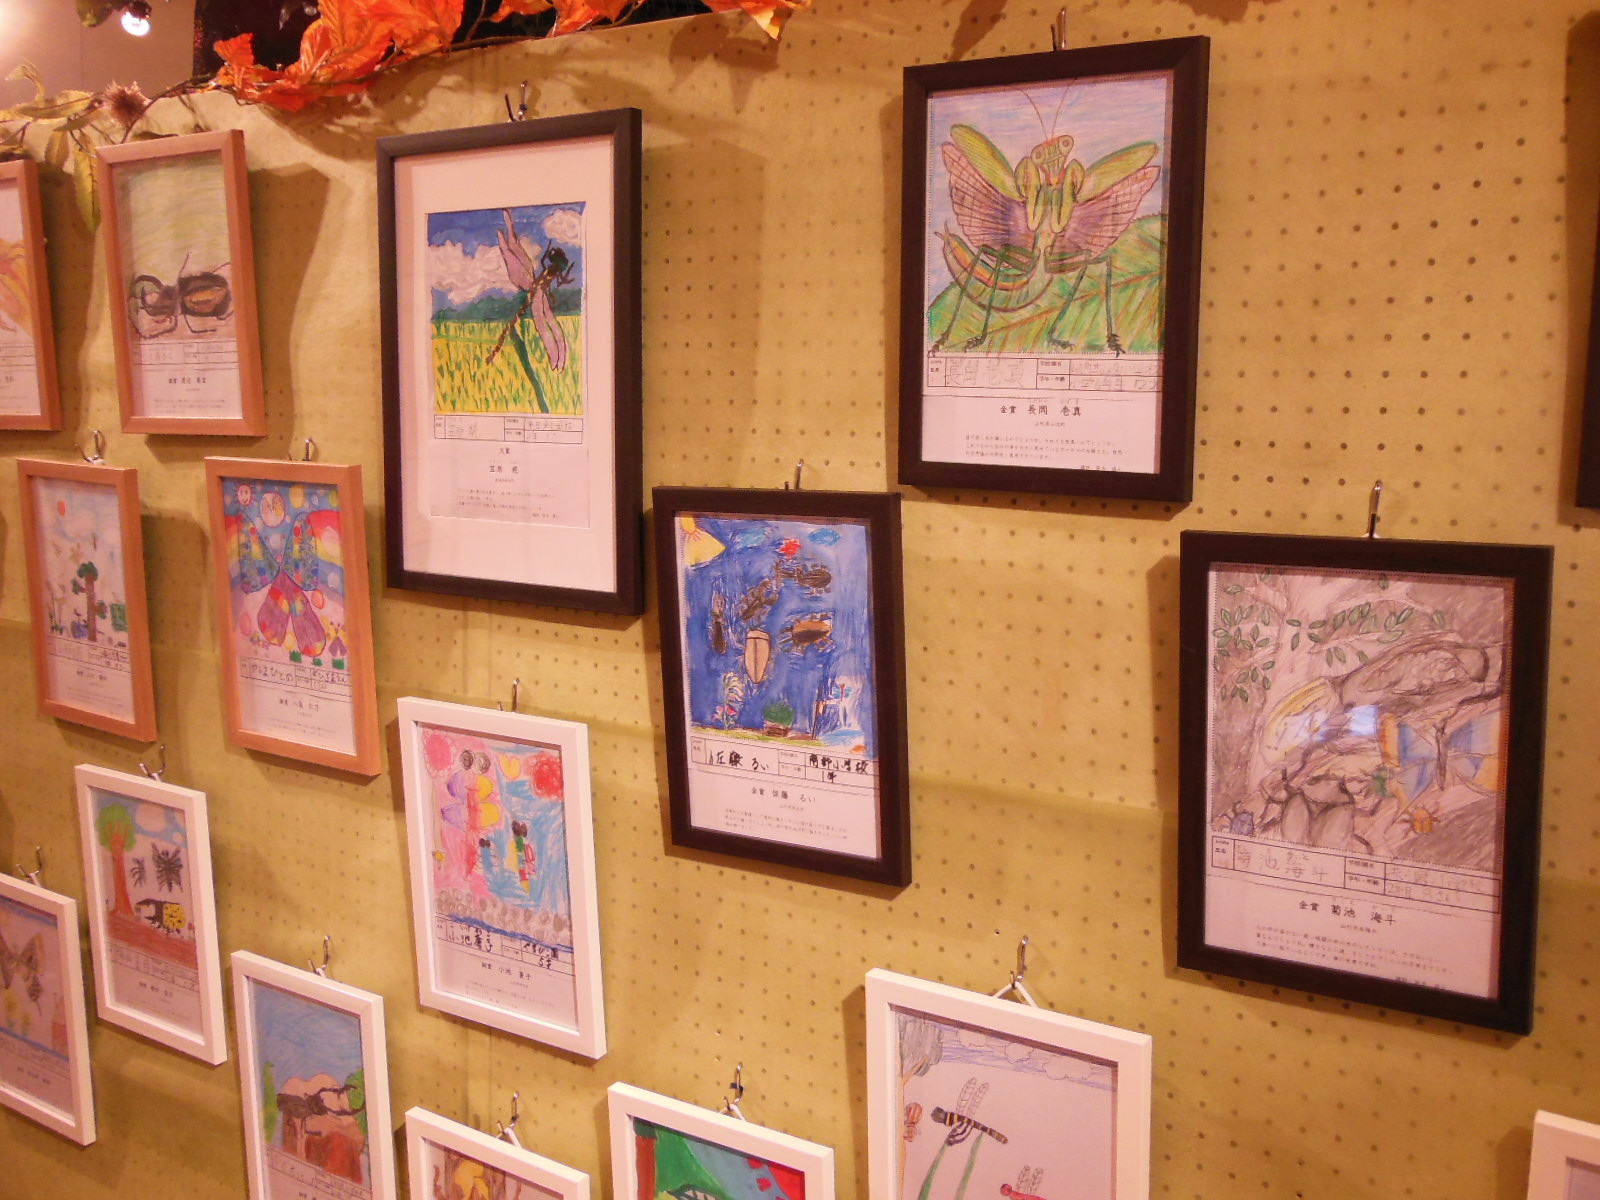 秋の企画展「虫の絵展」「虫の音楽会」 始まりました。:画像